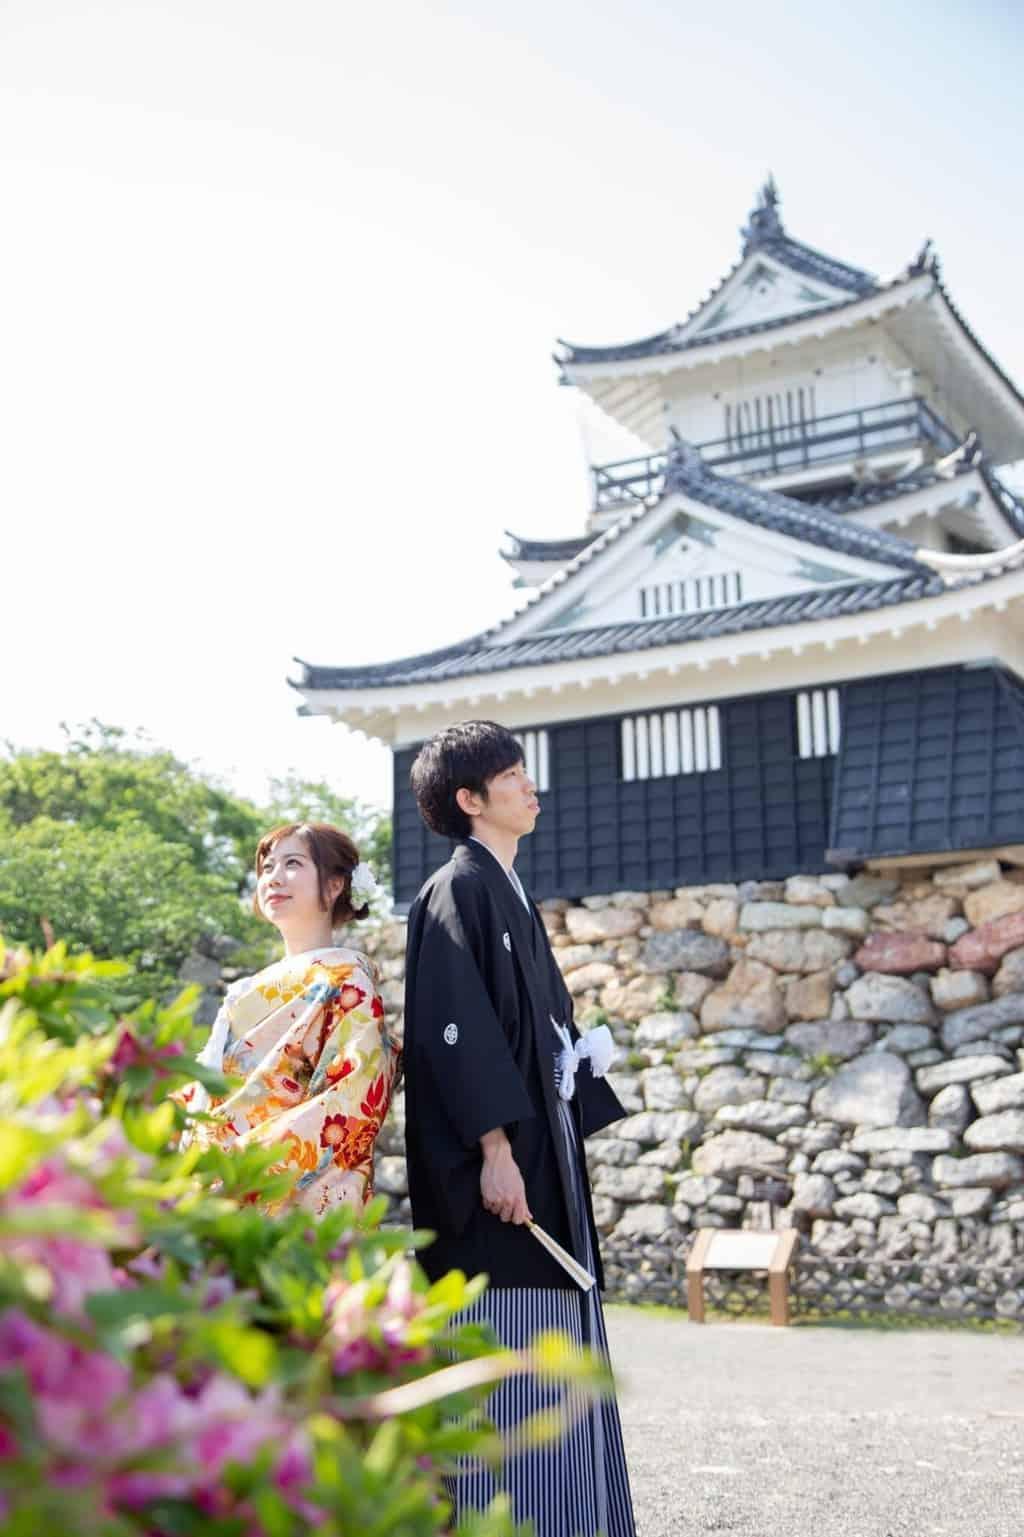 【西部エリア】静岡でロケーションフォトするならココ!おすすめスポットを厳選♡のカバー写真